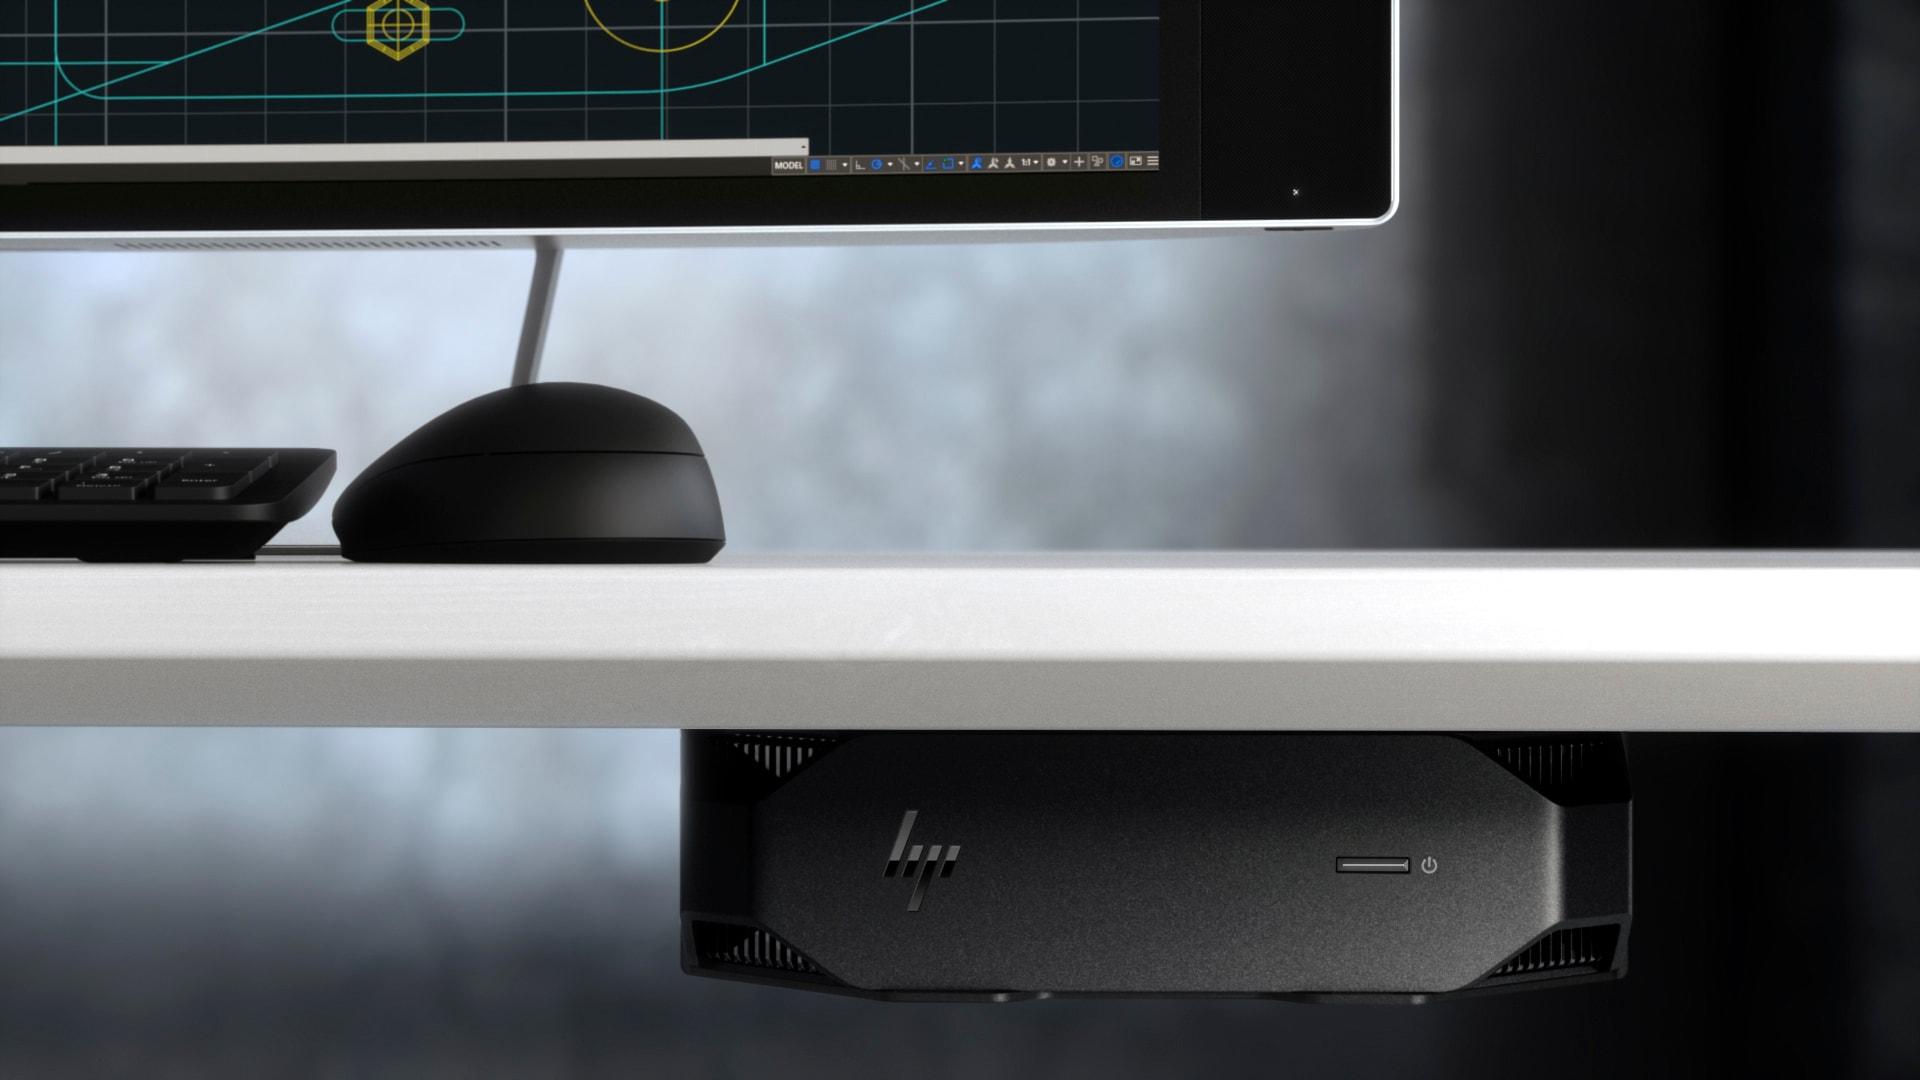 HP Workstation Z2 Mini G5 12M14EA CI9/10900-2.8GHz 32GB 512GB NVIDIA Quadro T2000 4GB W10P mini asztali munkaállomás / PC